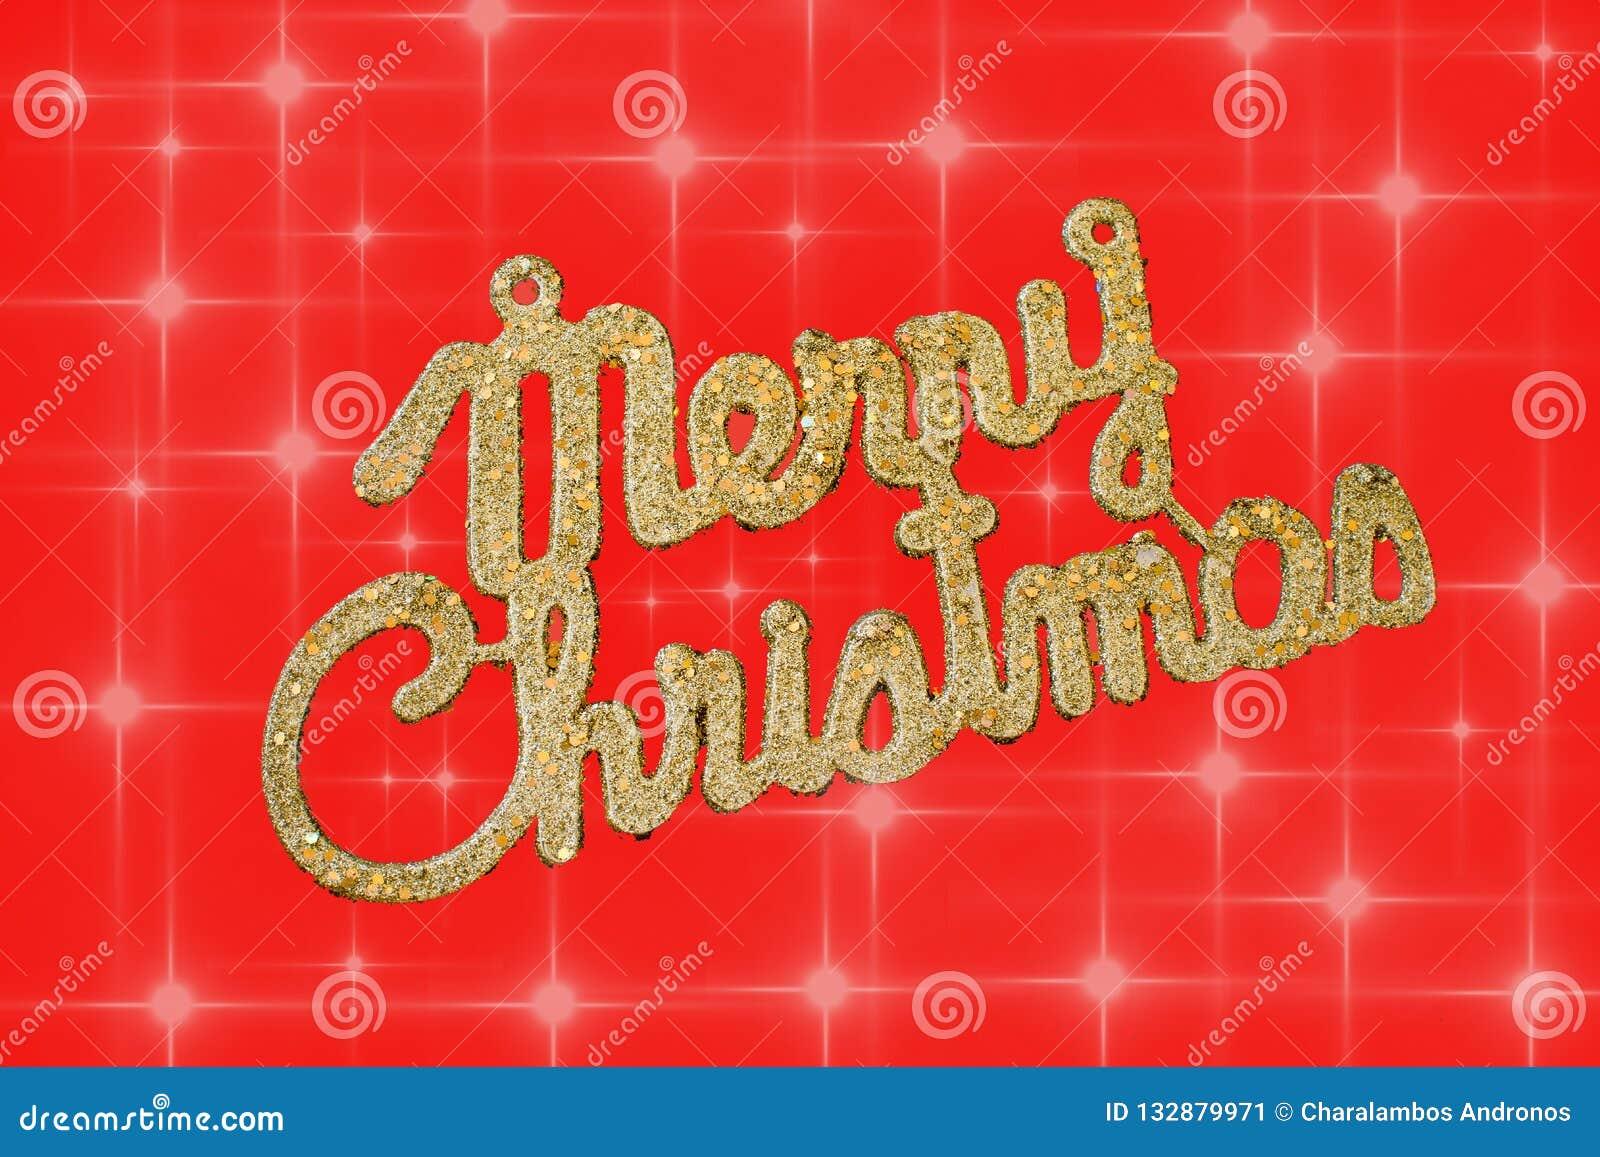 Goldener Text der frohen Weihnachten auf einem roten Hintergrund mit Sternen